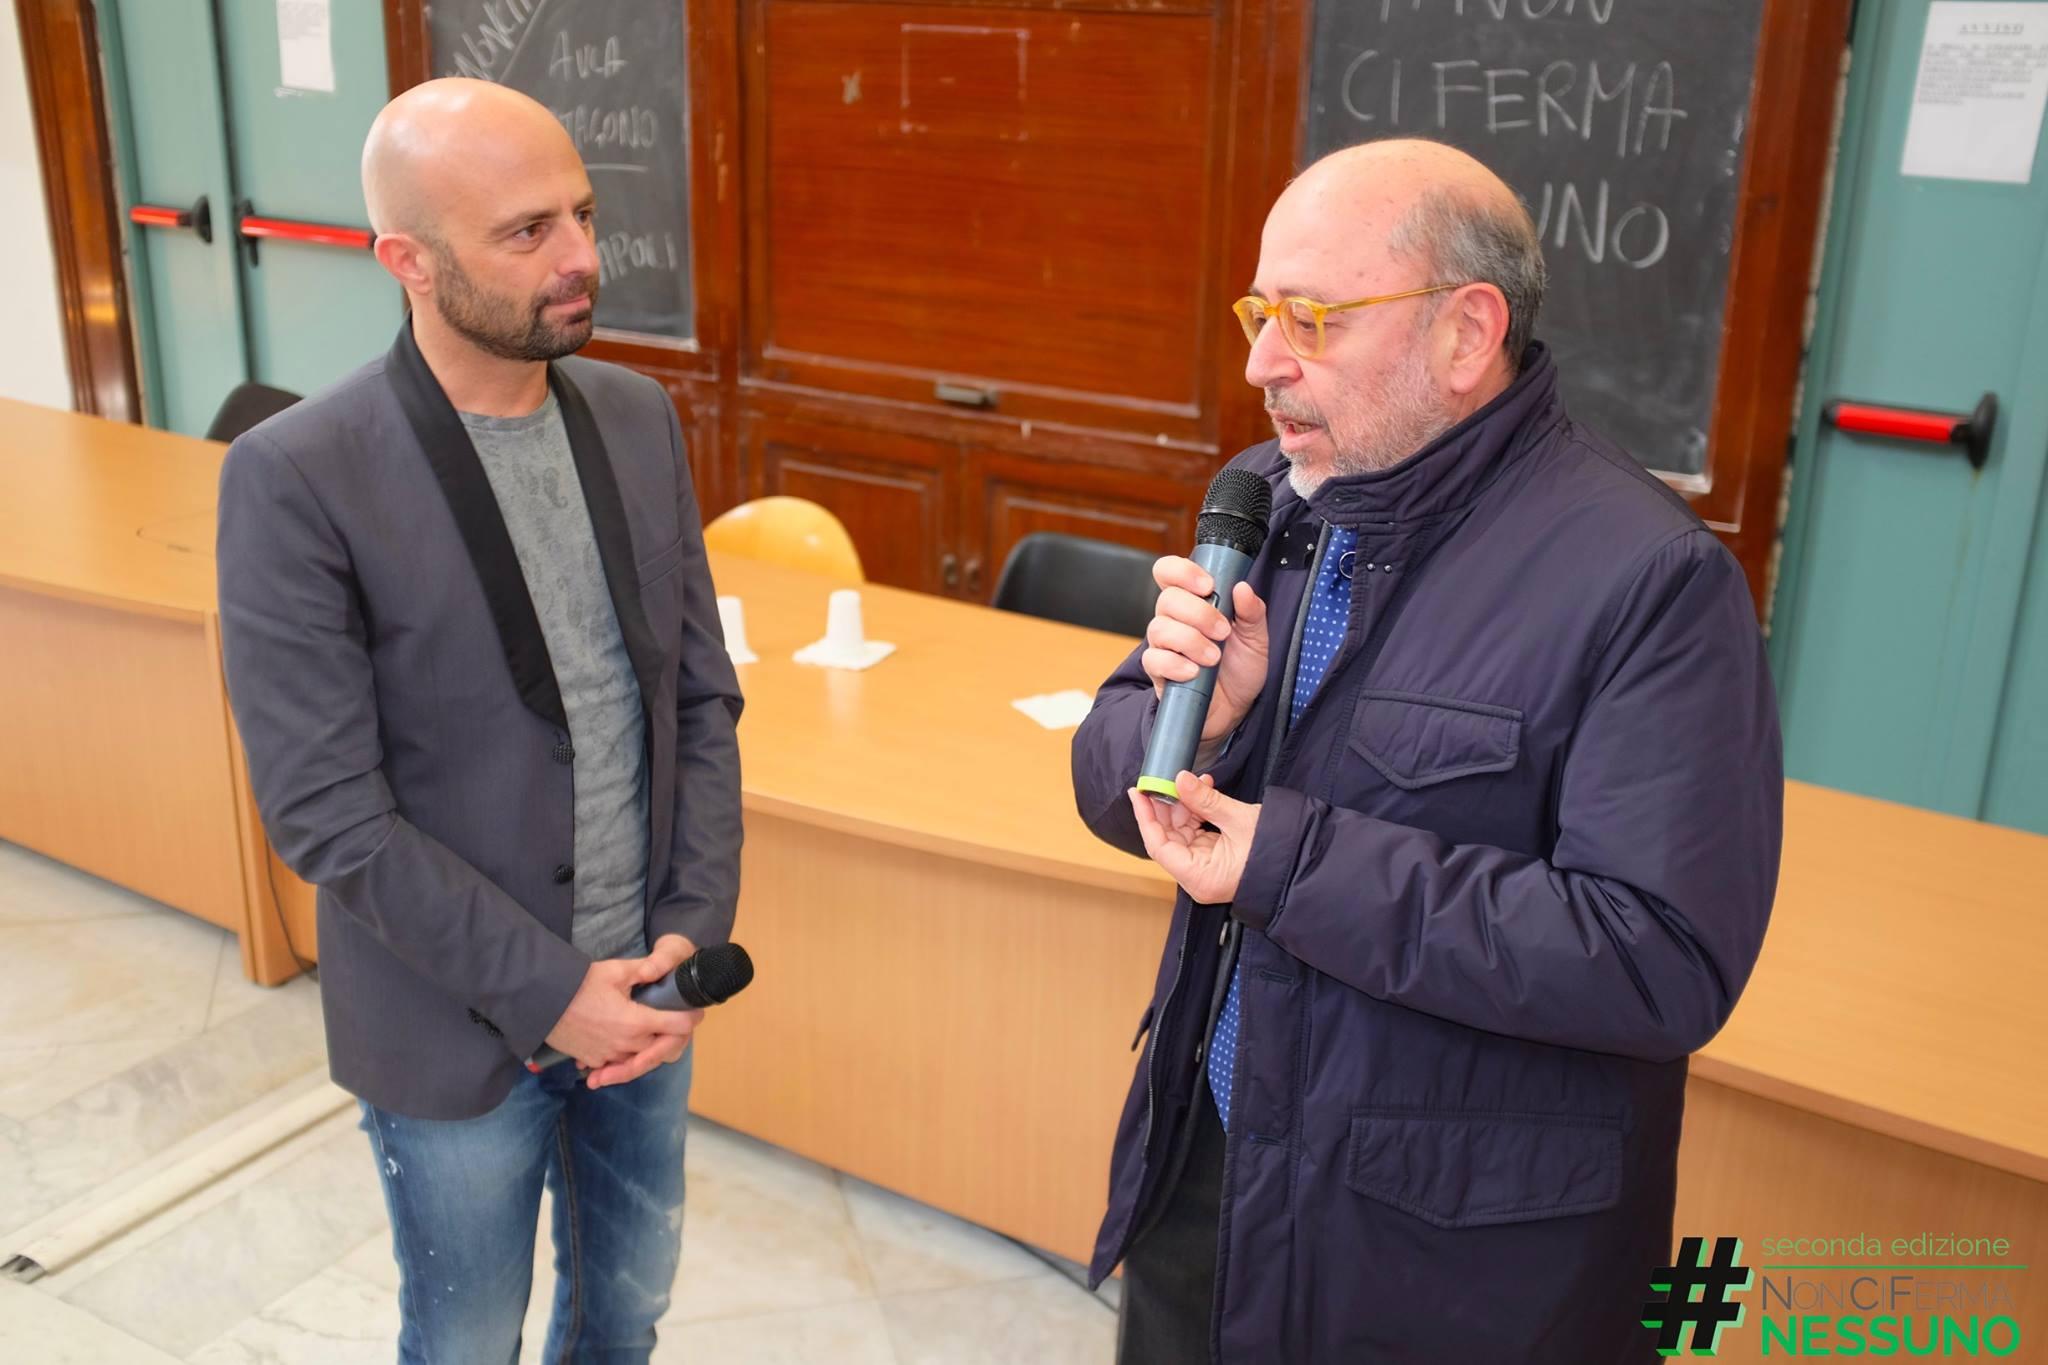 Luca Abete ha concluso alla Federico II di  Napoli il tour motivazionale #NonCiFermaNessuno 2015/2016. Un avvincente viaggio tra scuole e Università che ha entusiasmato migliaia di studenti e consentito di raccogliere più di 15.000 pacchi di pasta per il Banco alimentare